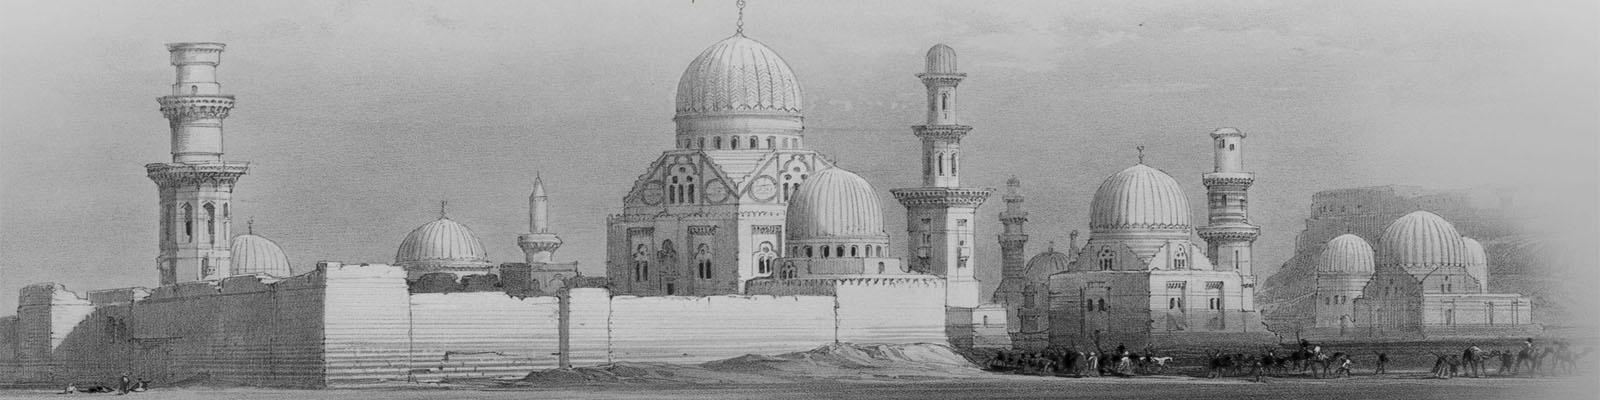 موسوعة «المزارات الإسلامية والآثار العربية في مصر والقاهرة المعزية»